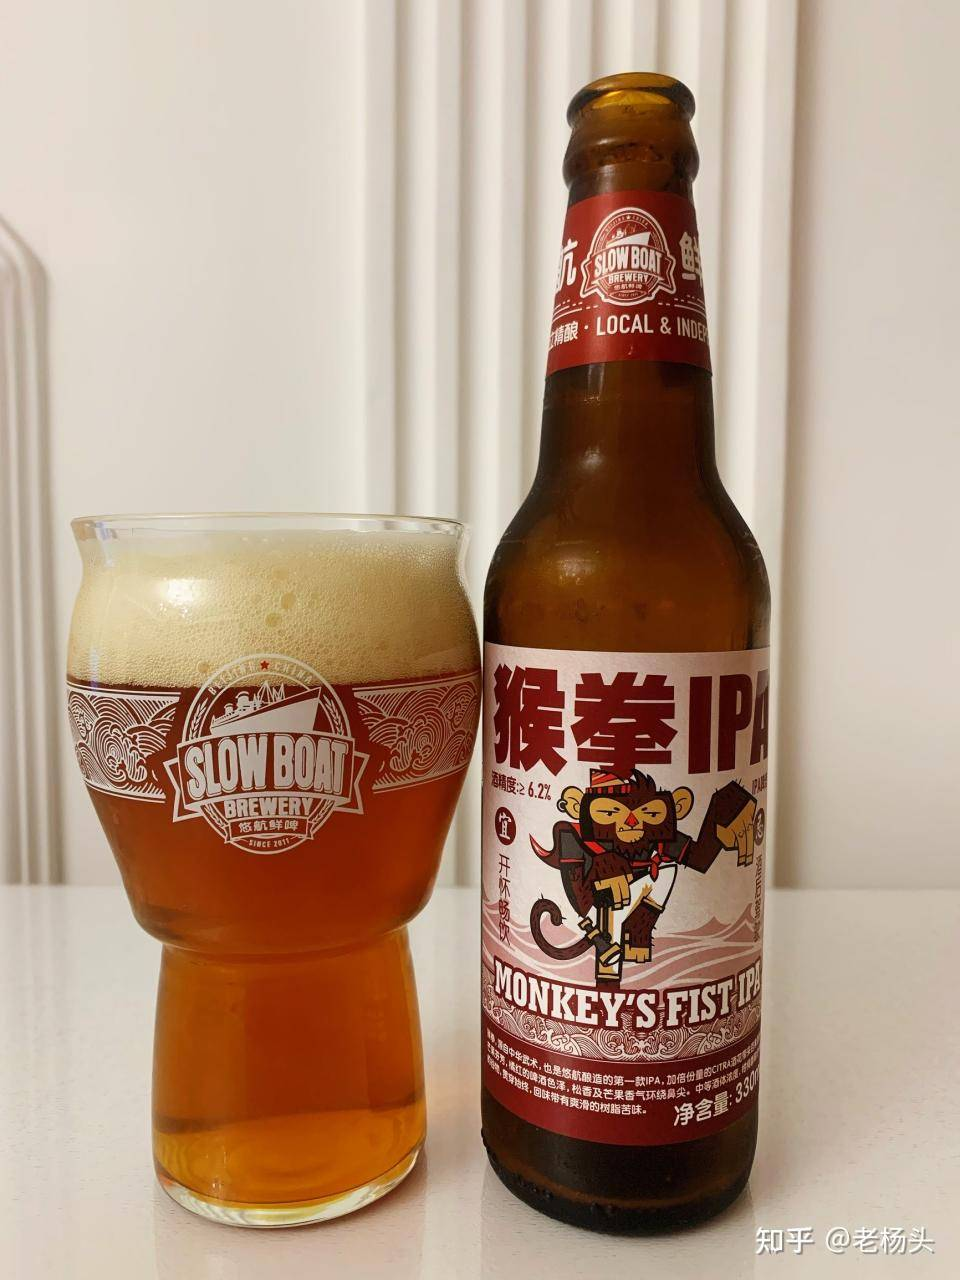 精酿啤酒有哪些种类-精酿啤酒品牌有哪些?-大麦丫-精酿啤酒连锁超市,工厂店平价酒吧免费加盟